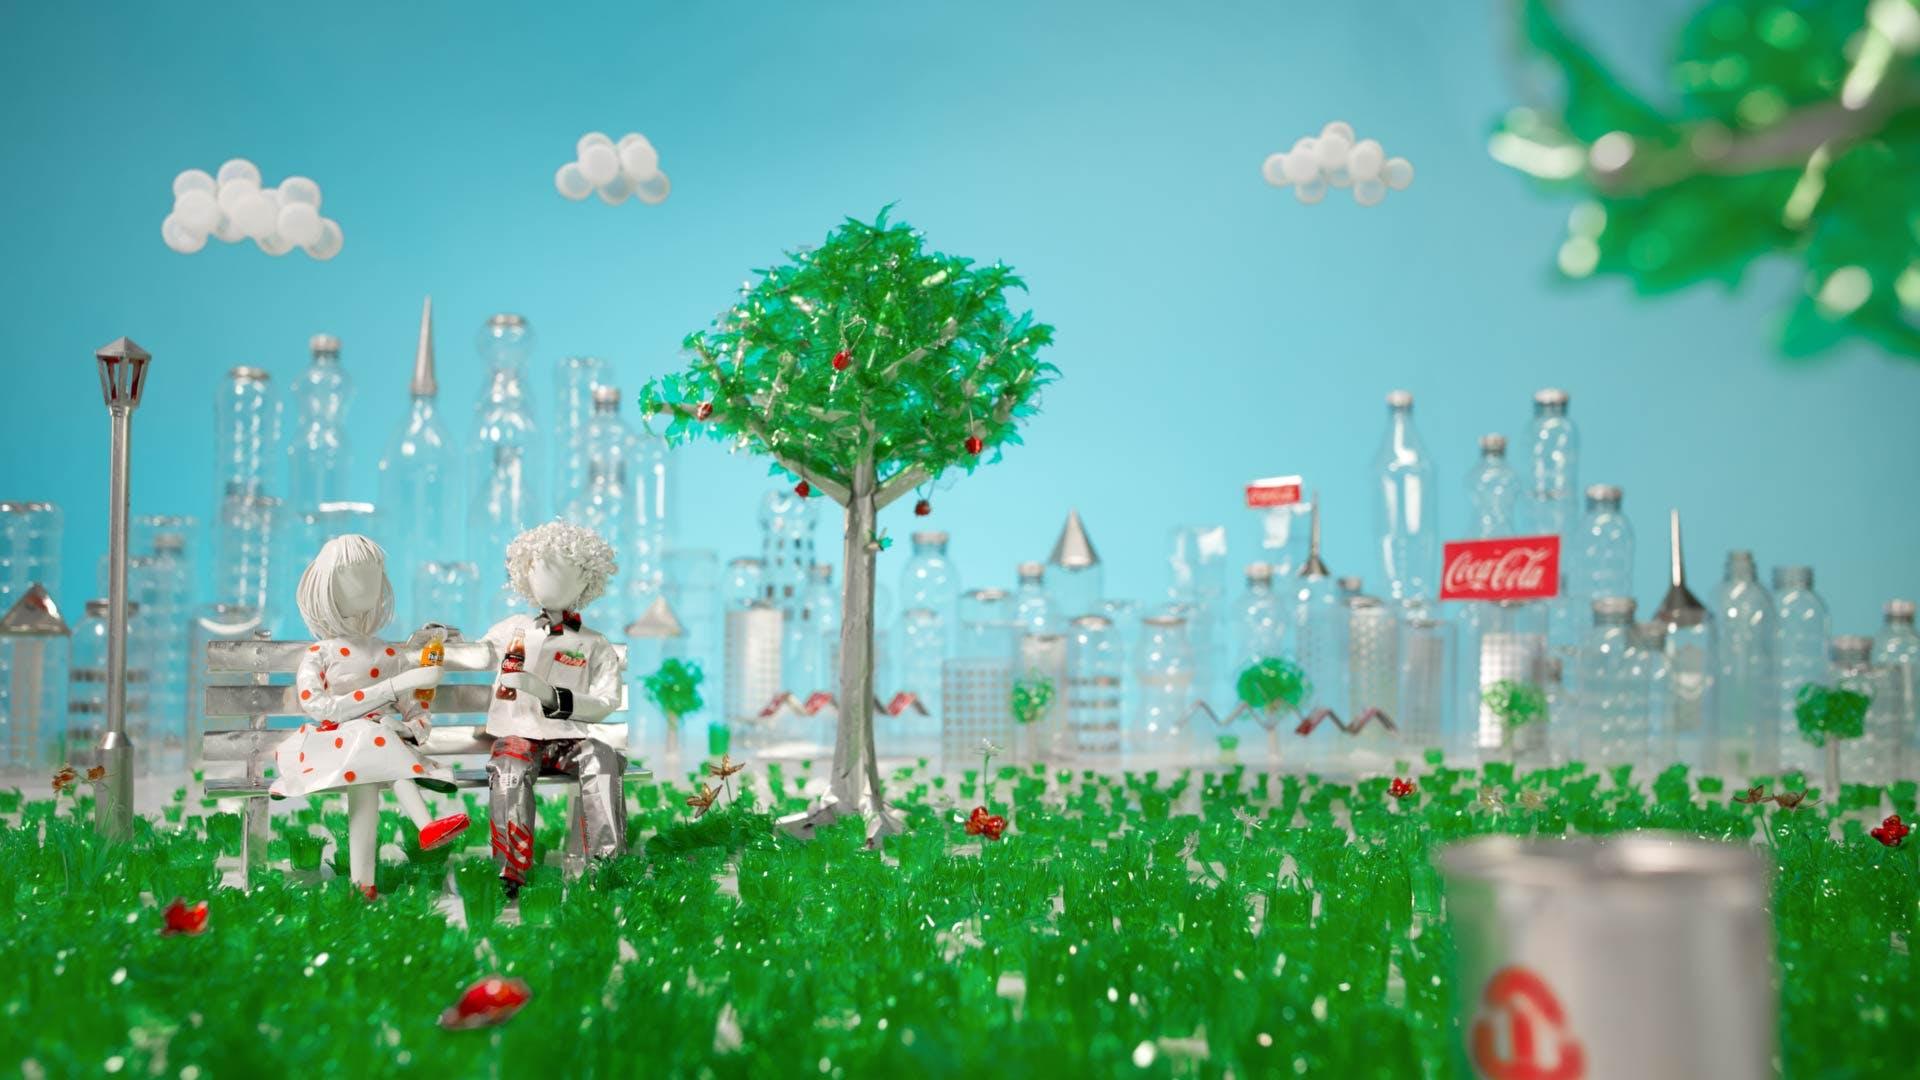 coke sustainability campaign